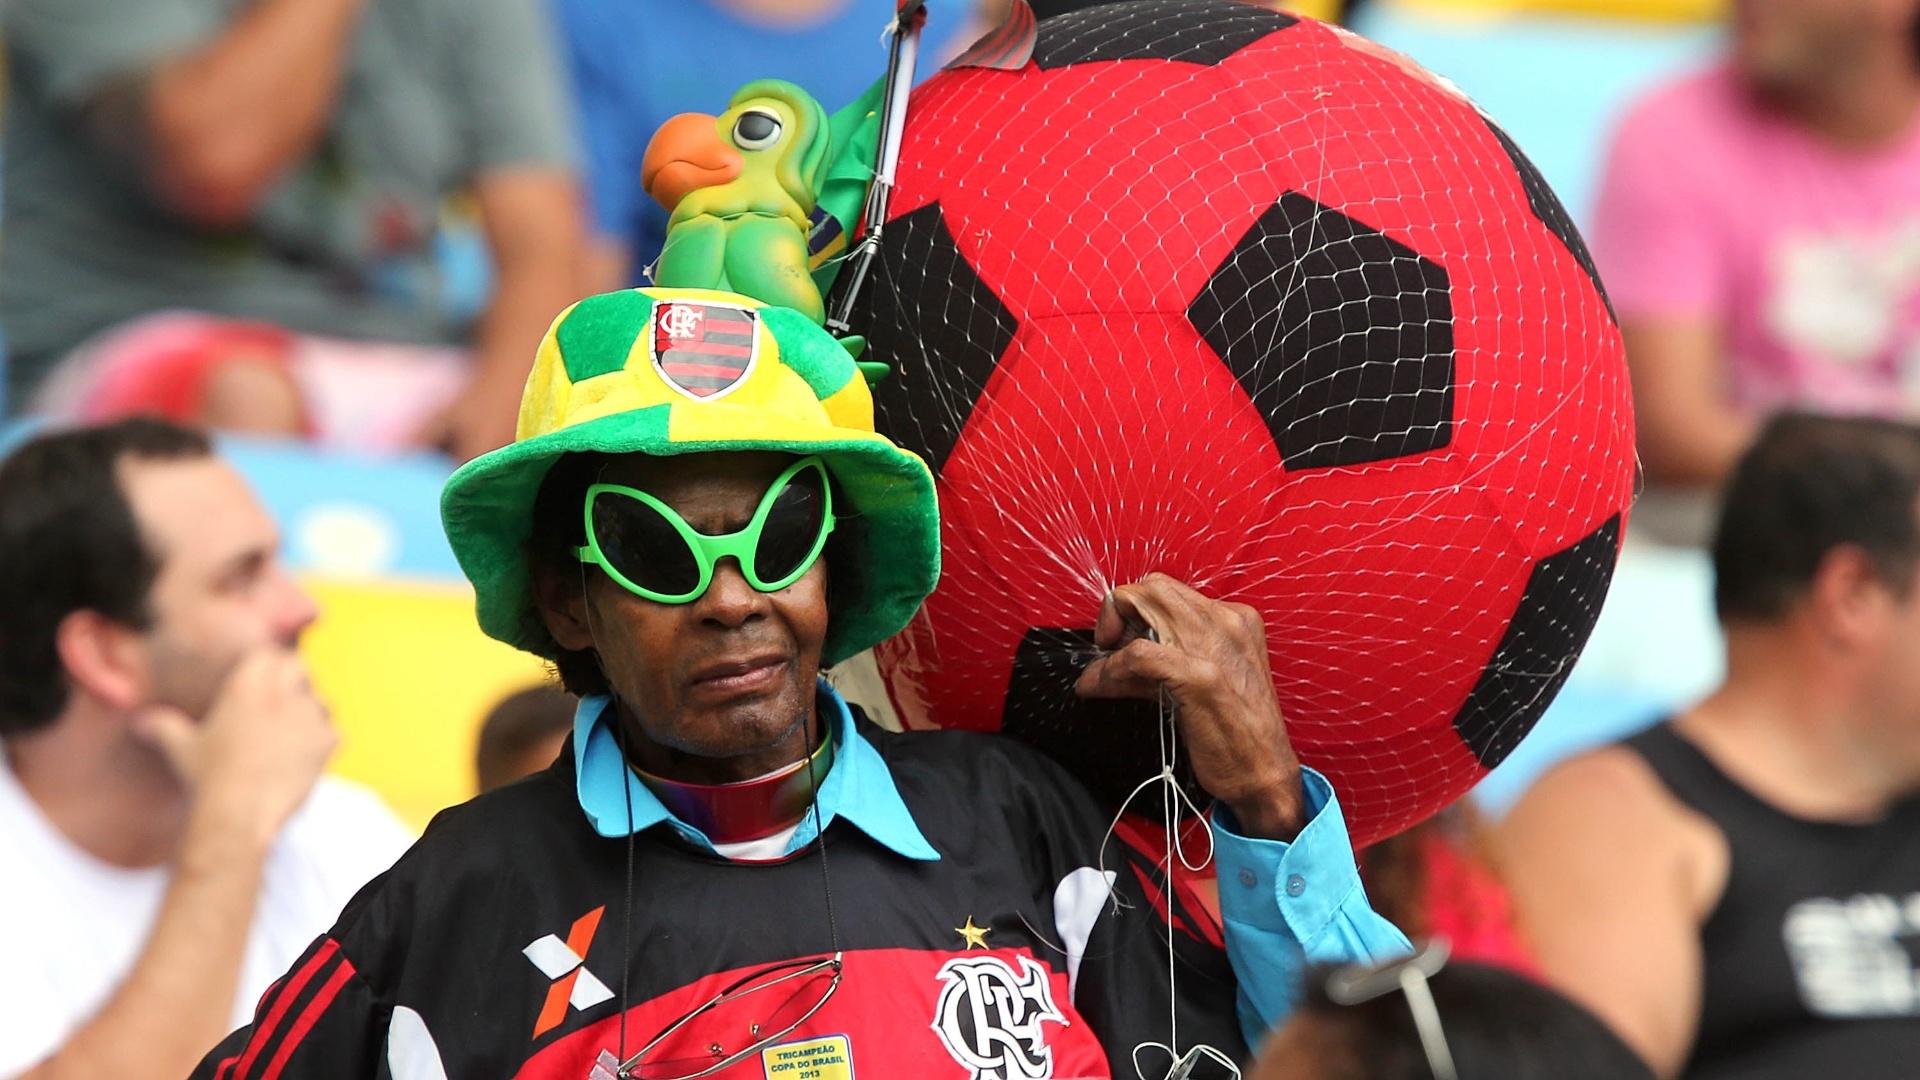 Torcedora vai ao Maracanã cheia de adereços para torcer para o Flamengo